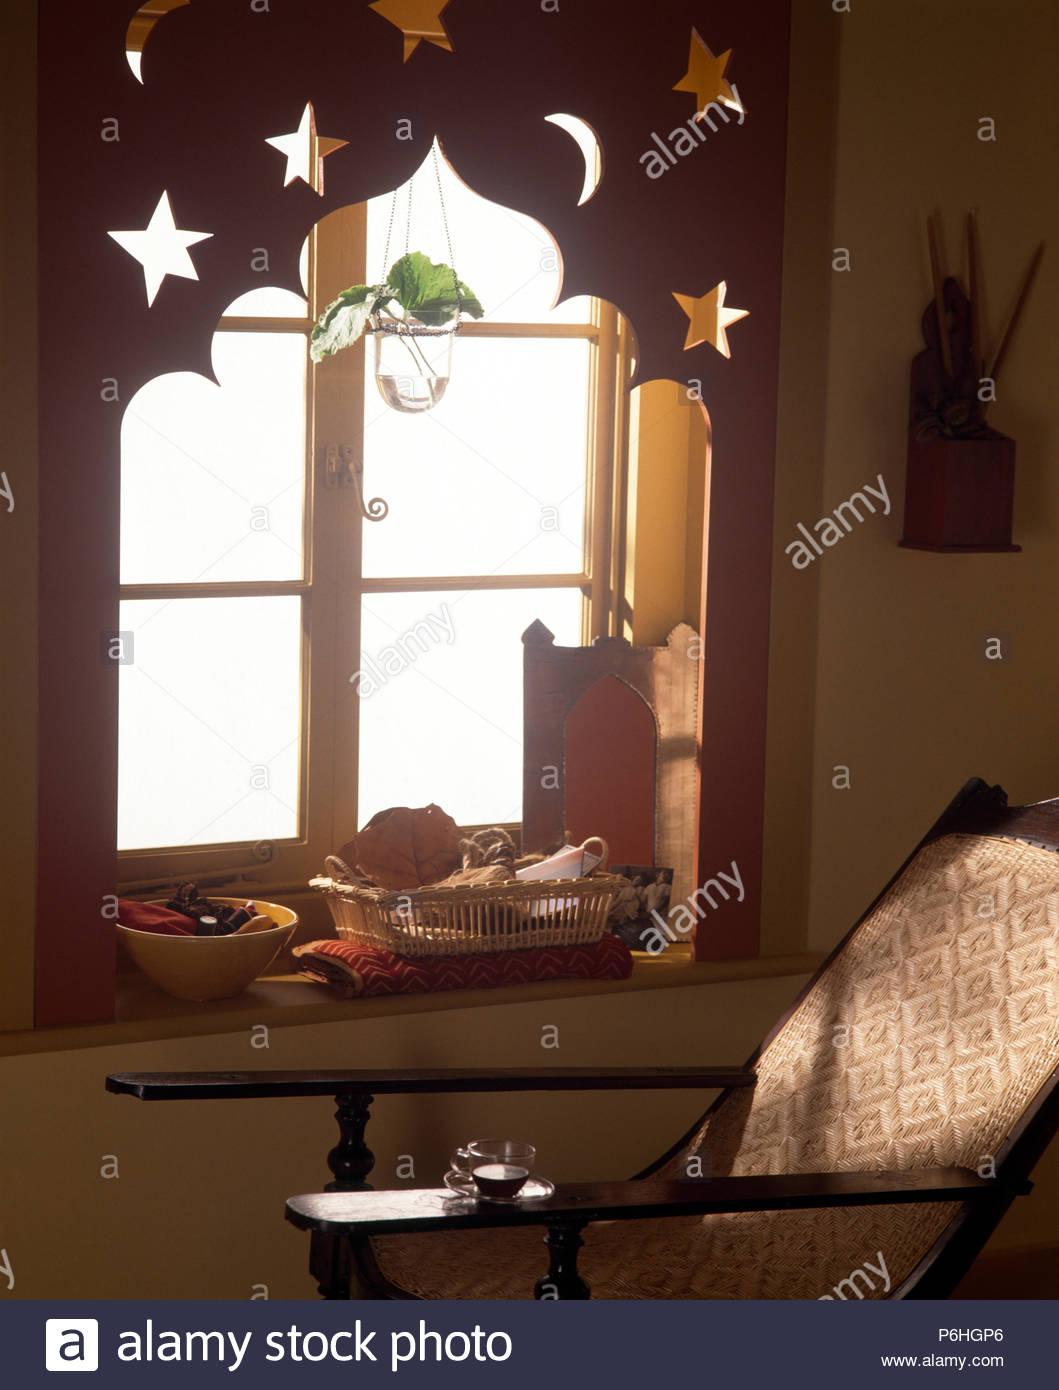 Full Size of Dekorative Mdf Lambrequin Auf Fenster In Einer Wirtschaft Im Wohnzimmer Sessel Vinylboden Wandtattoos Rollo Moderne Deckenleuchte Tisch Teppiche Stehlampe Wohnzimmer Wohnzimmer Liegestuhl